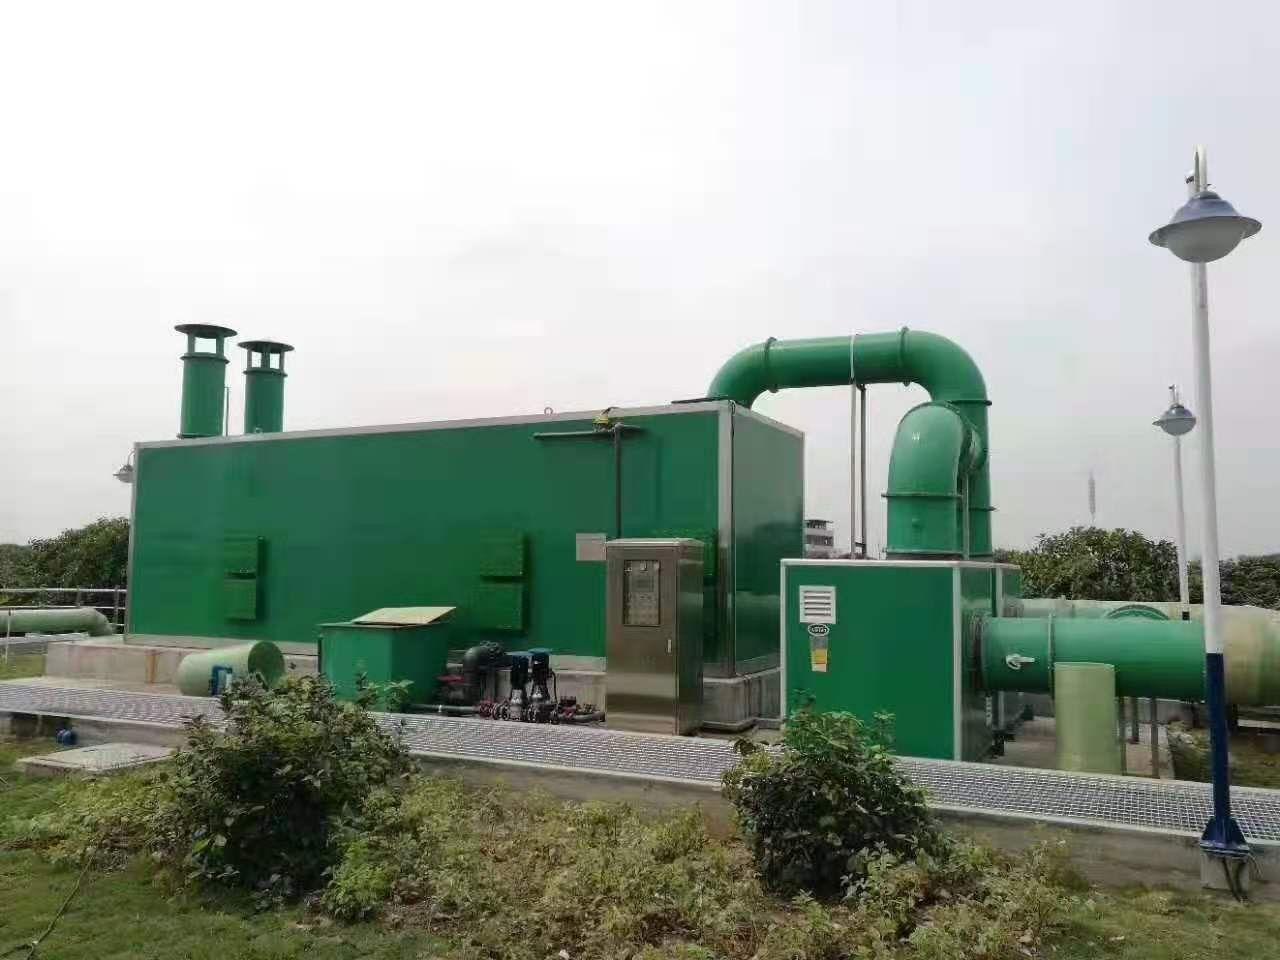 阜新彰武县生物除臭器的出厂方式是怎样的